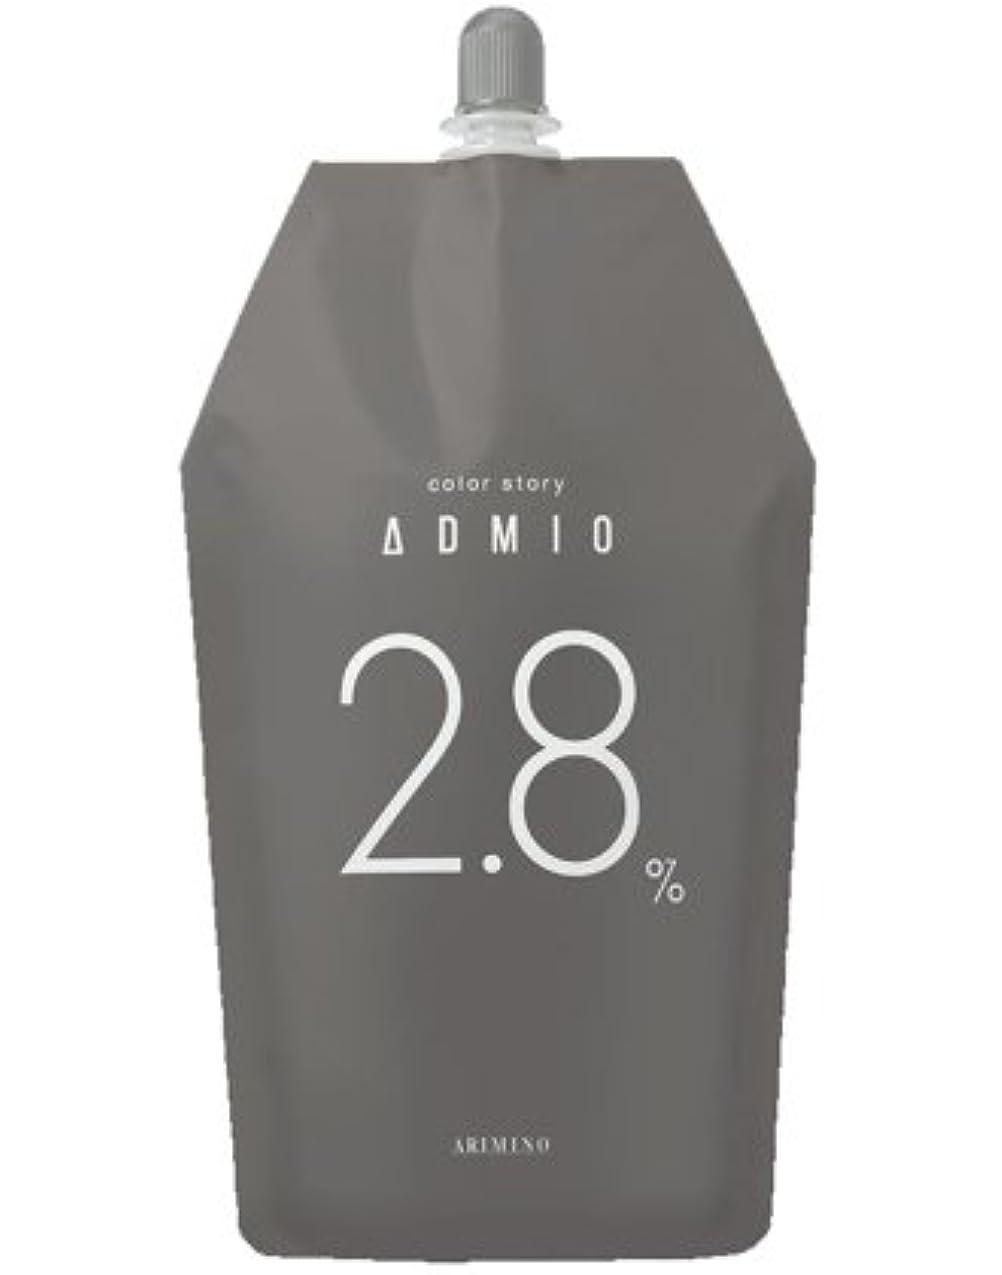 【アリミノ】カラーストーリー アドミオ OX 2.8% 1000ml